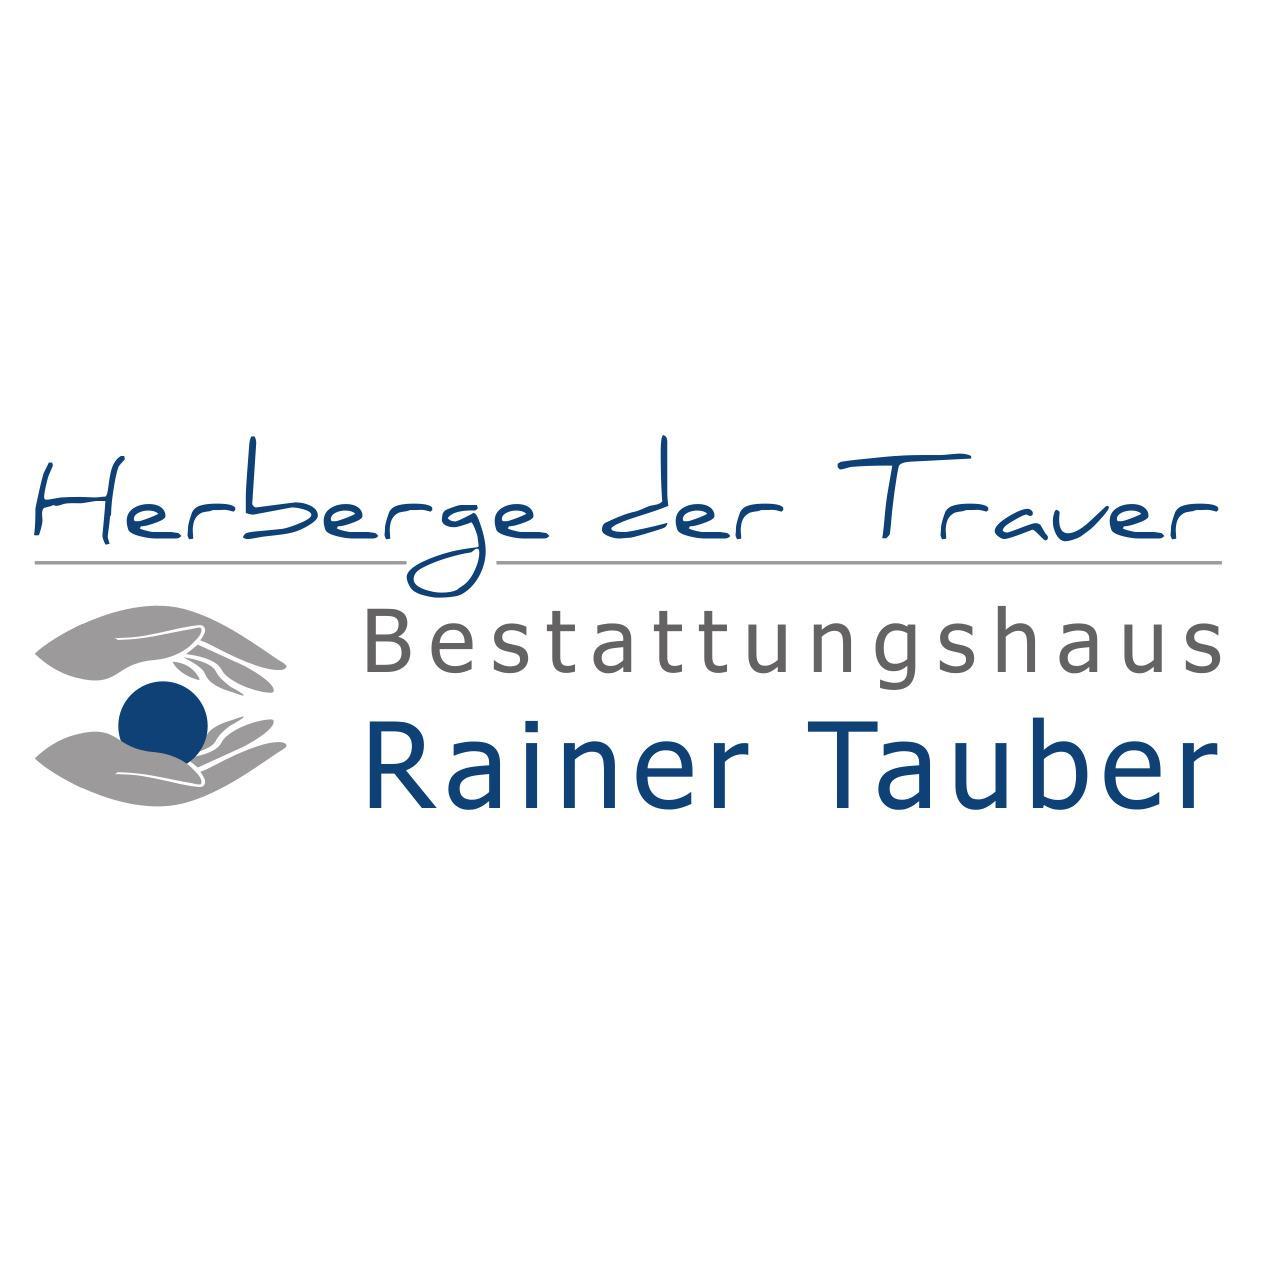 Herberge der Trauer - Bestattungshaus Rainer Tauber